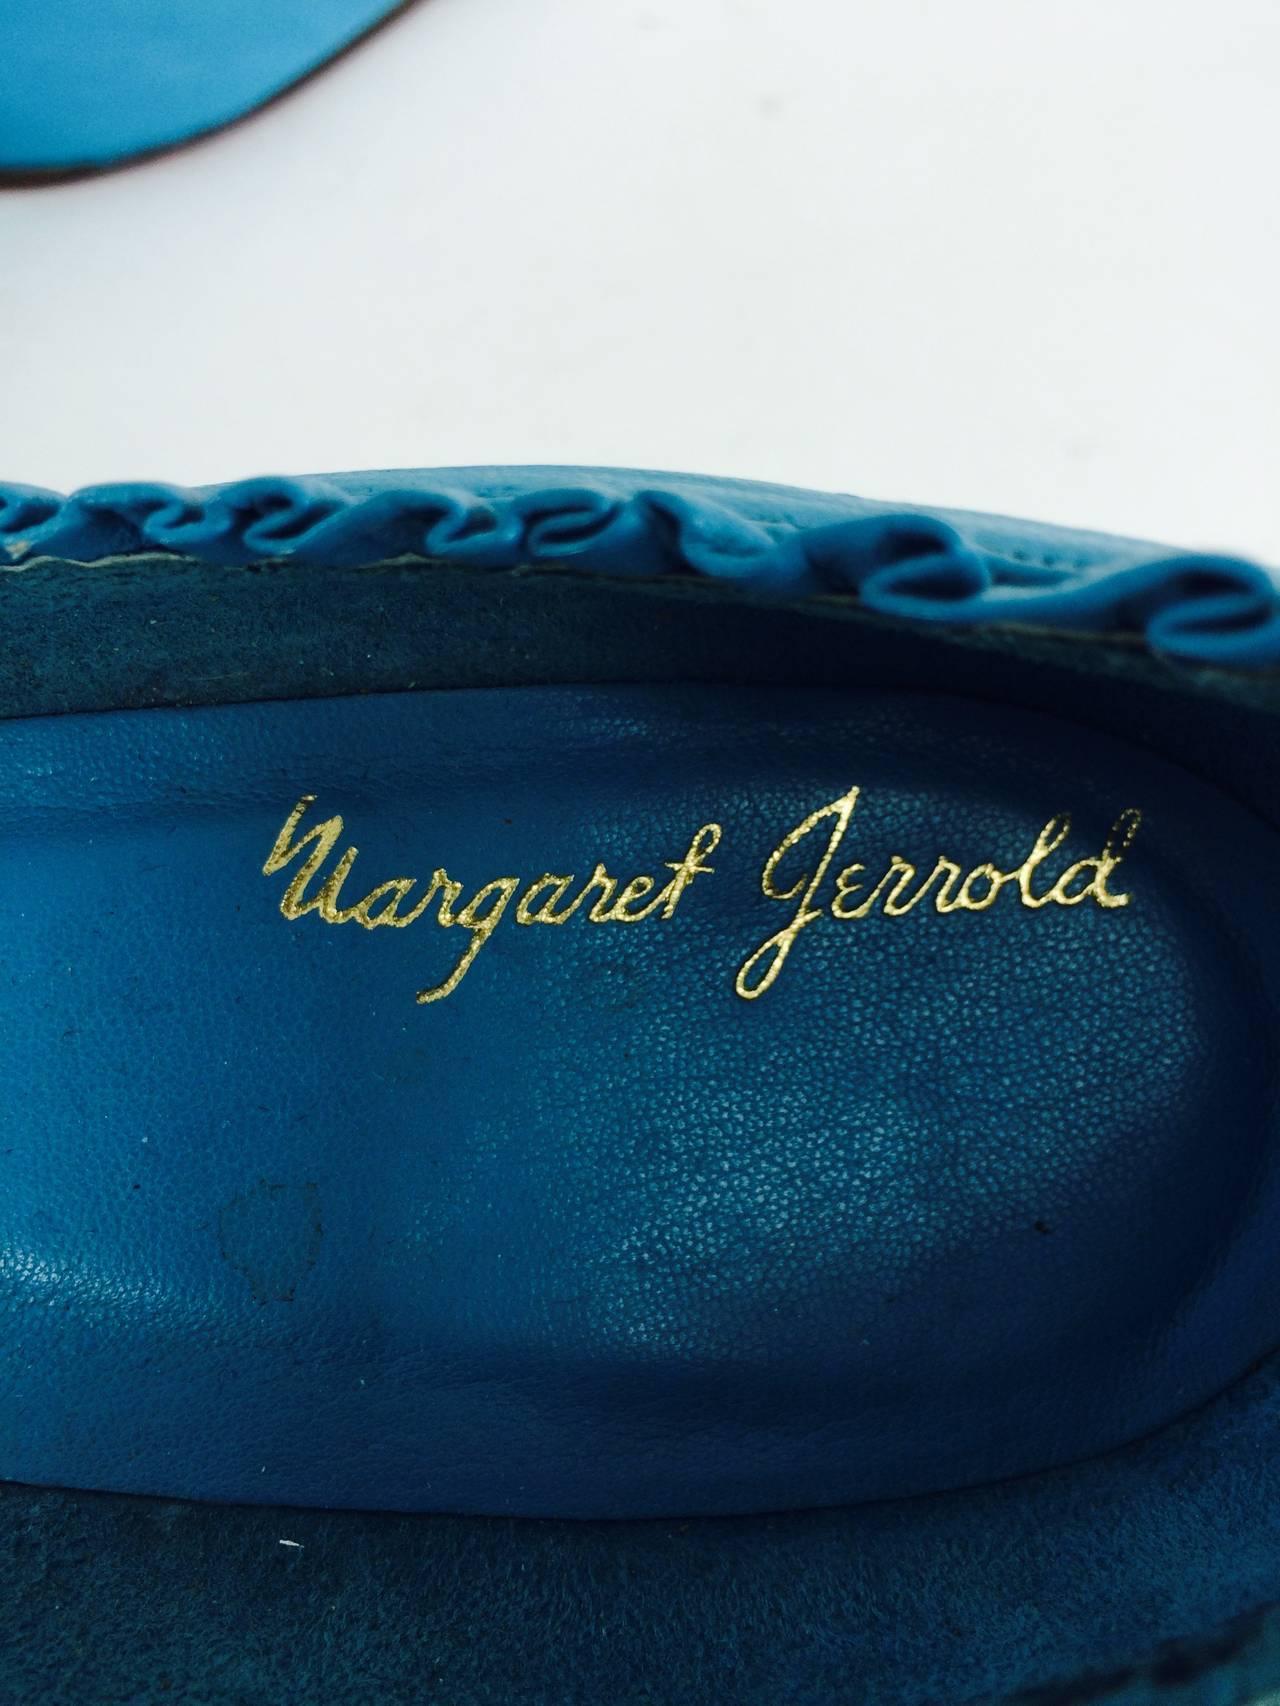 Margaret Jerrold turquoise Louis heel pumps  8 1/2 N unworn 1960s For Sale 1